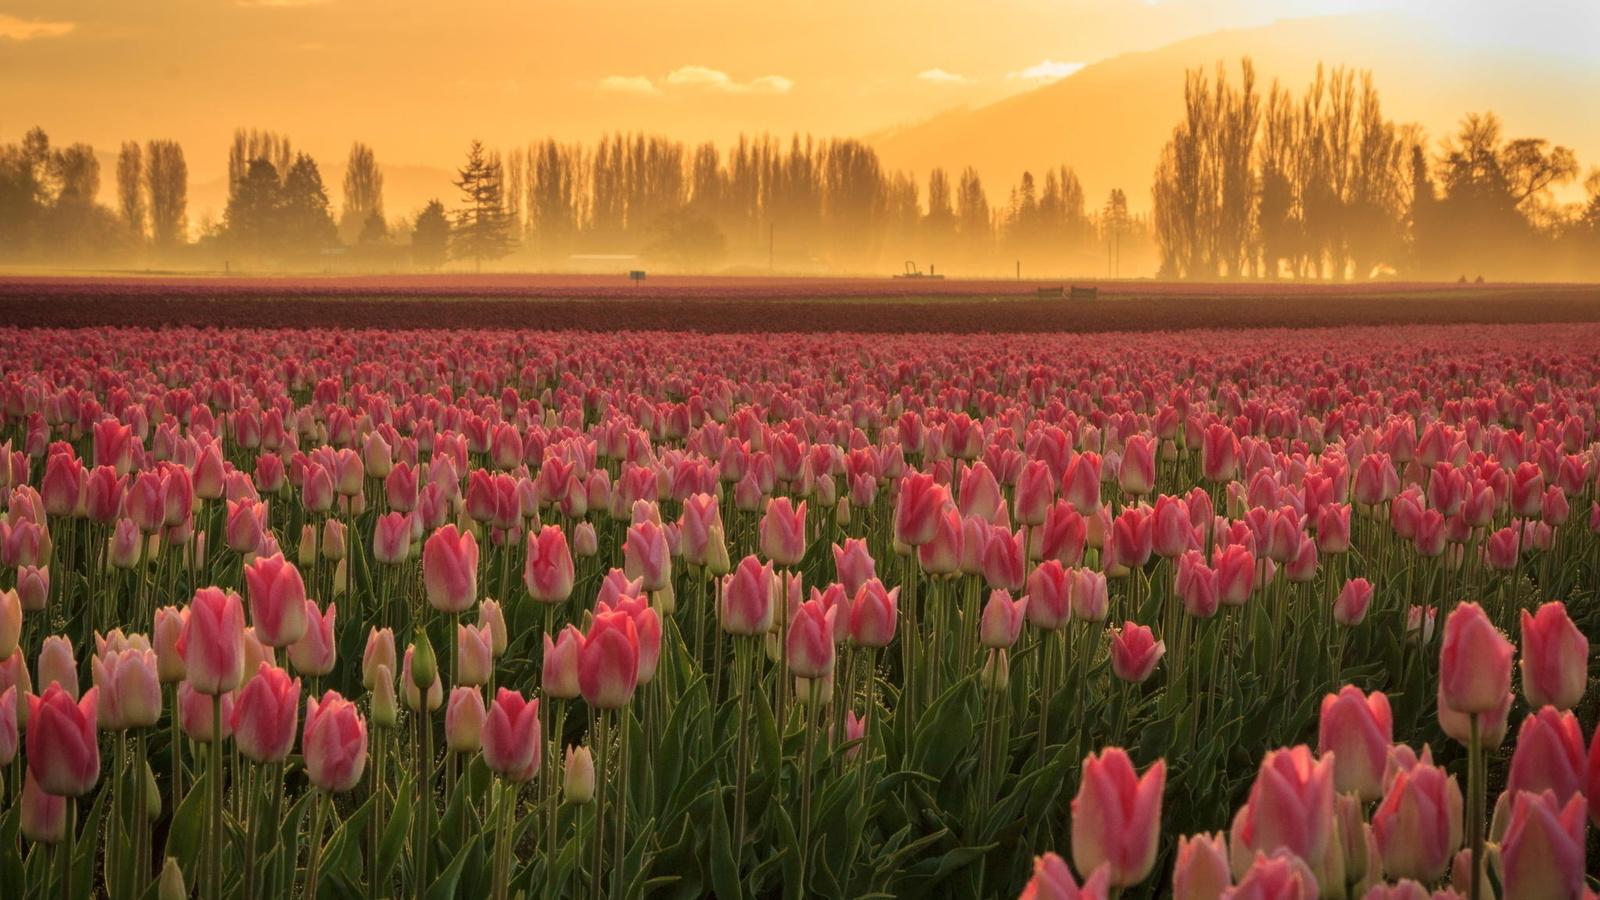 Картинка поле с тюльпанами большое разрешение